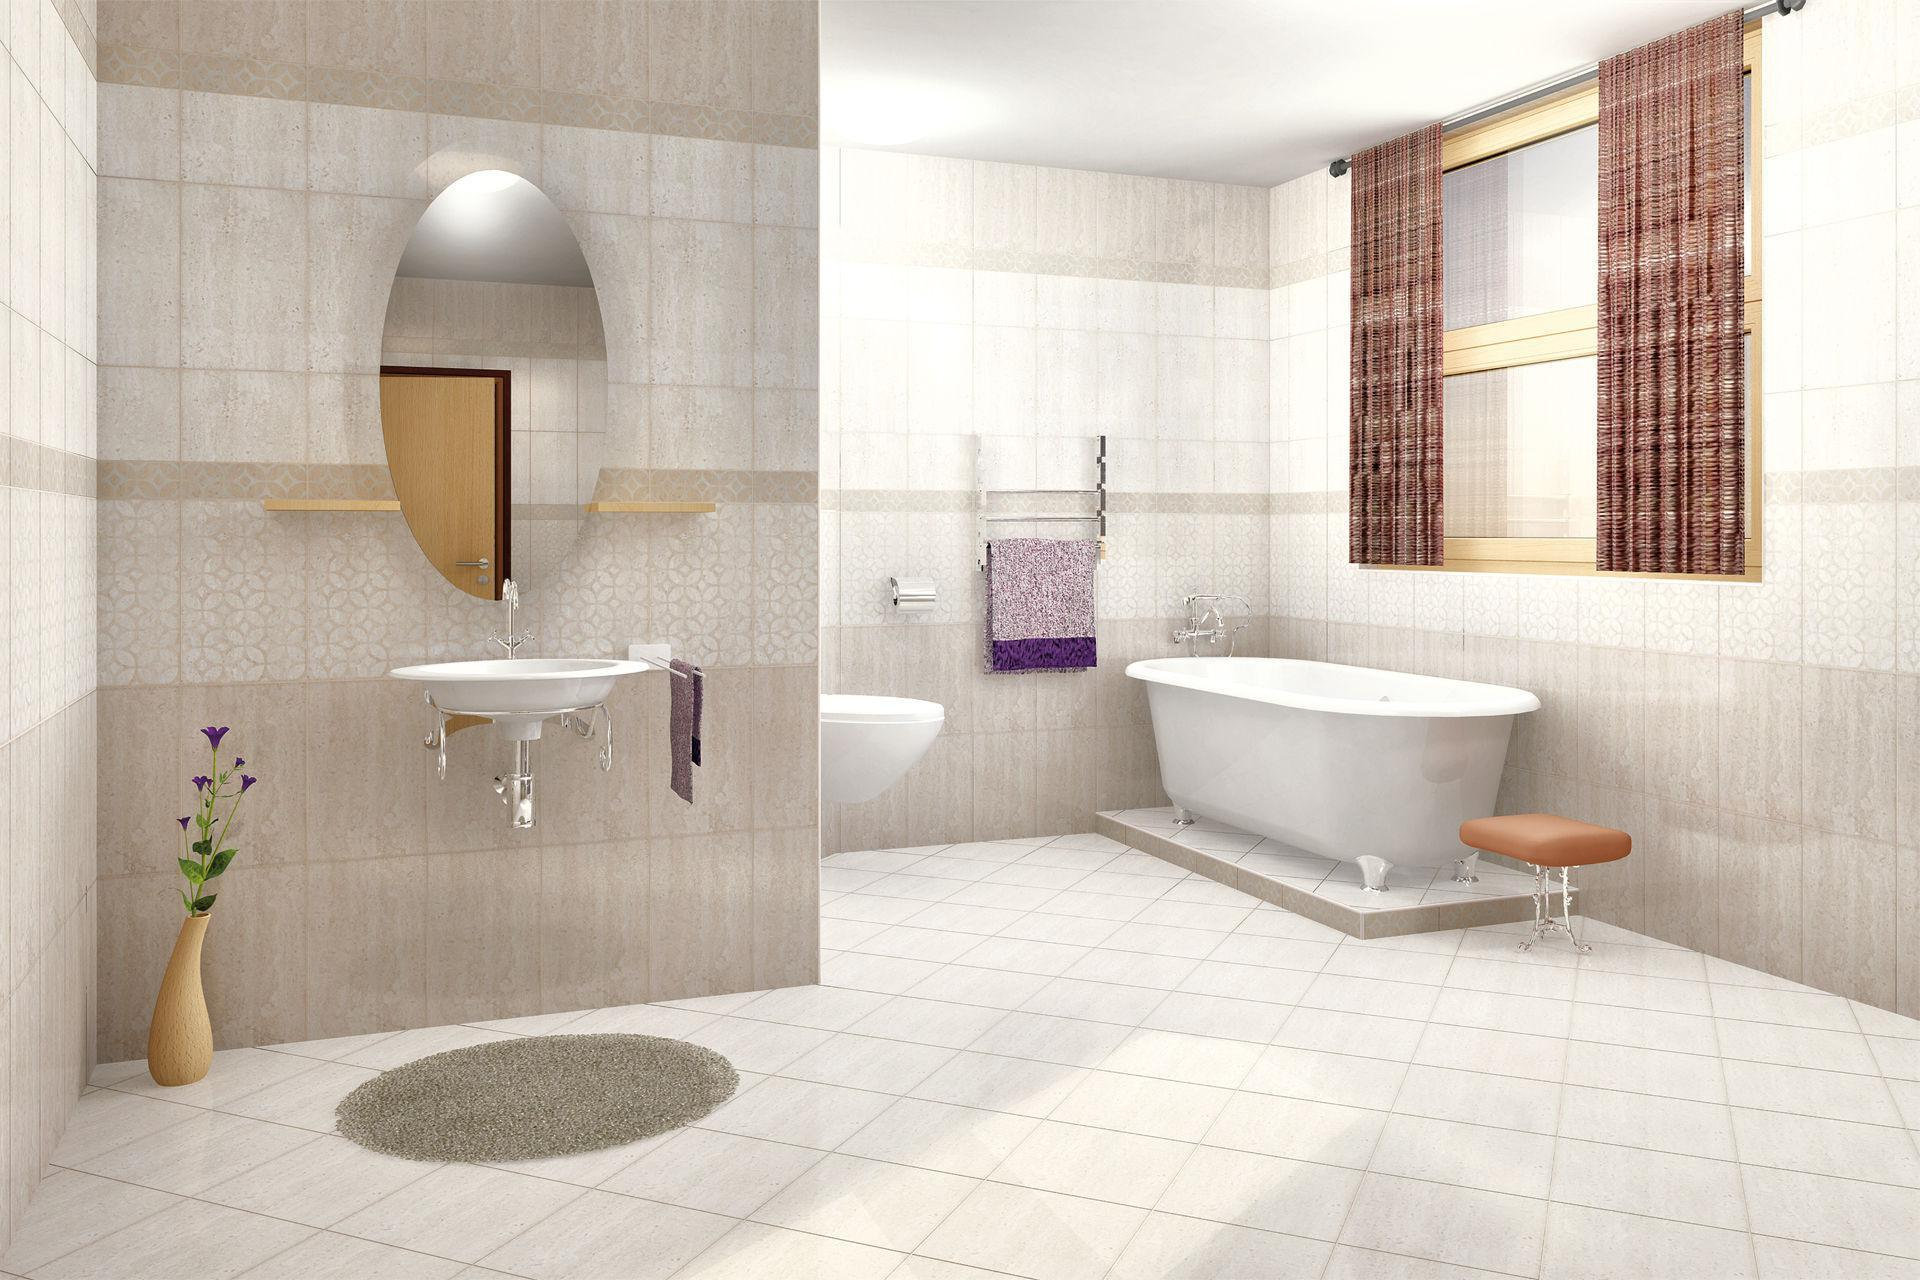 JURA fürdőszoba burkolat // HOMEINFO.hu - Inspirációtár